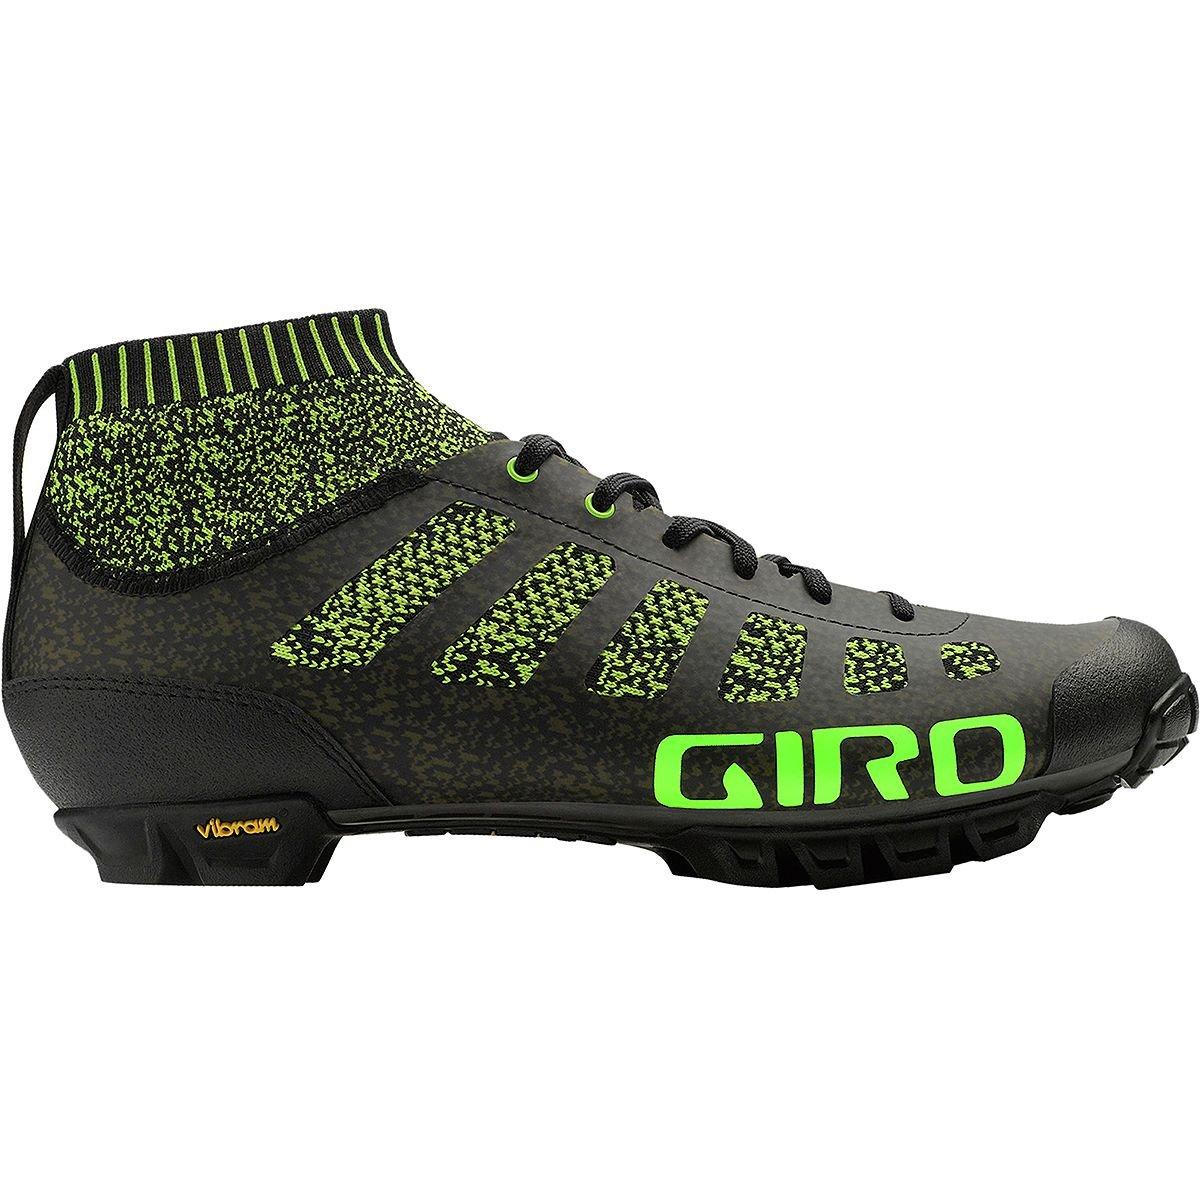 [ジロ Giro] メンズ スポーツ サイクリング Empire VR70 Knit Shoe [並行輸入品] B07FNDFYKB 43.5